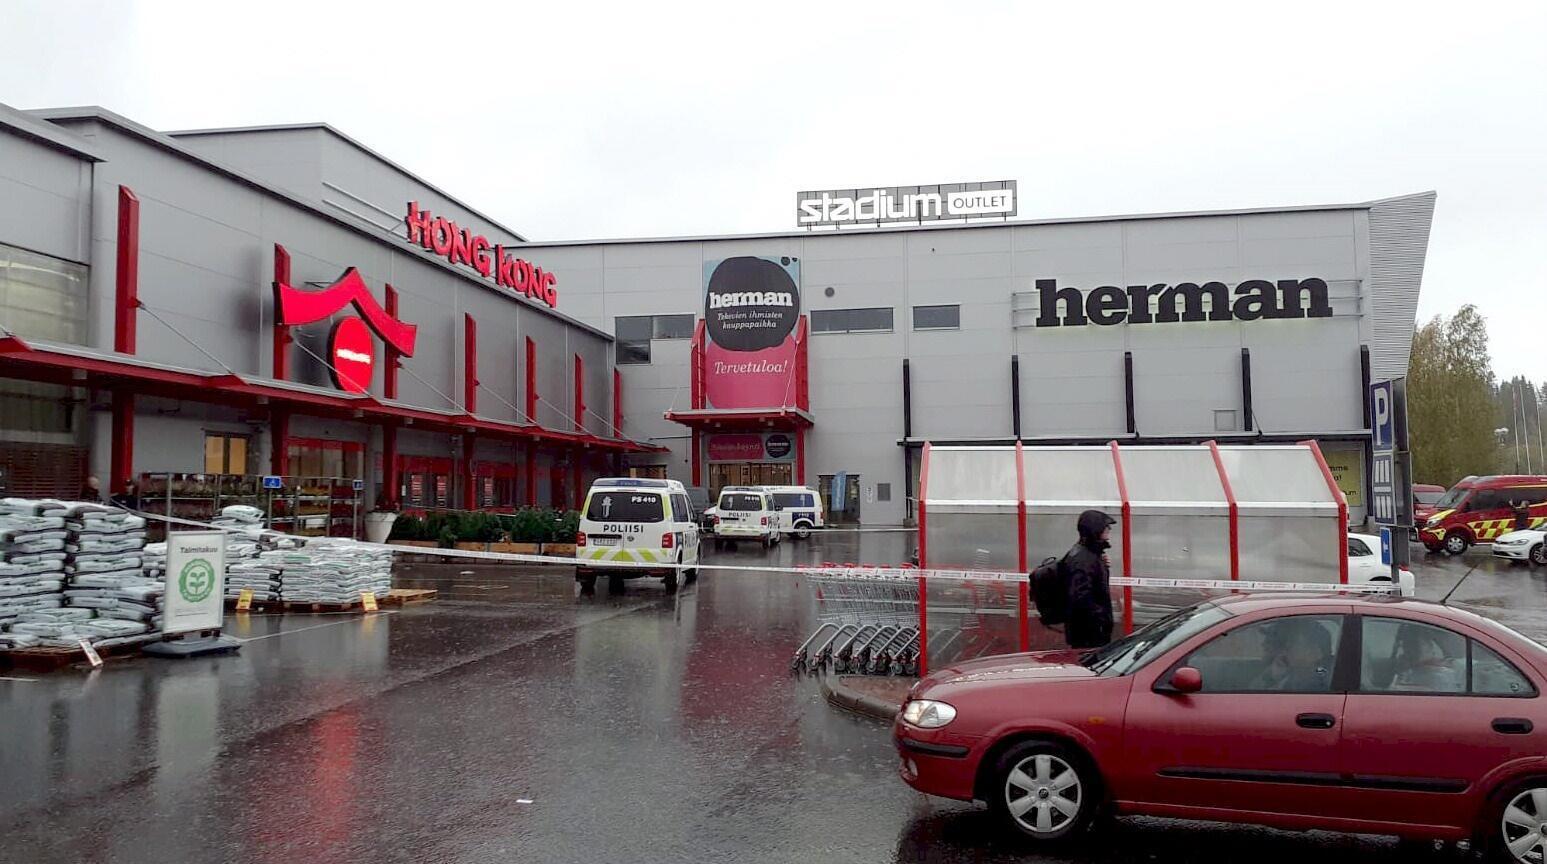 Полициейский автомобиль у входа в торговый центр, где произошло нападение. г. Куопио, Финляндия. 01.10.2019